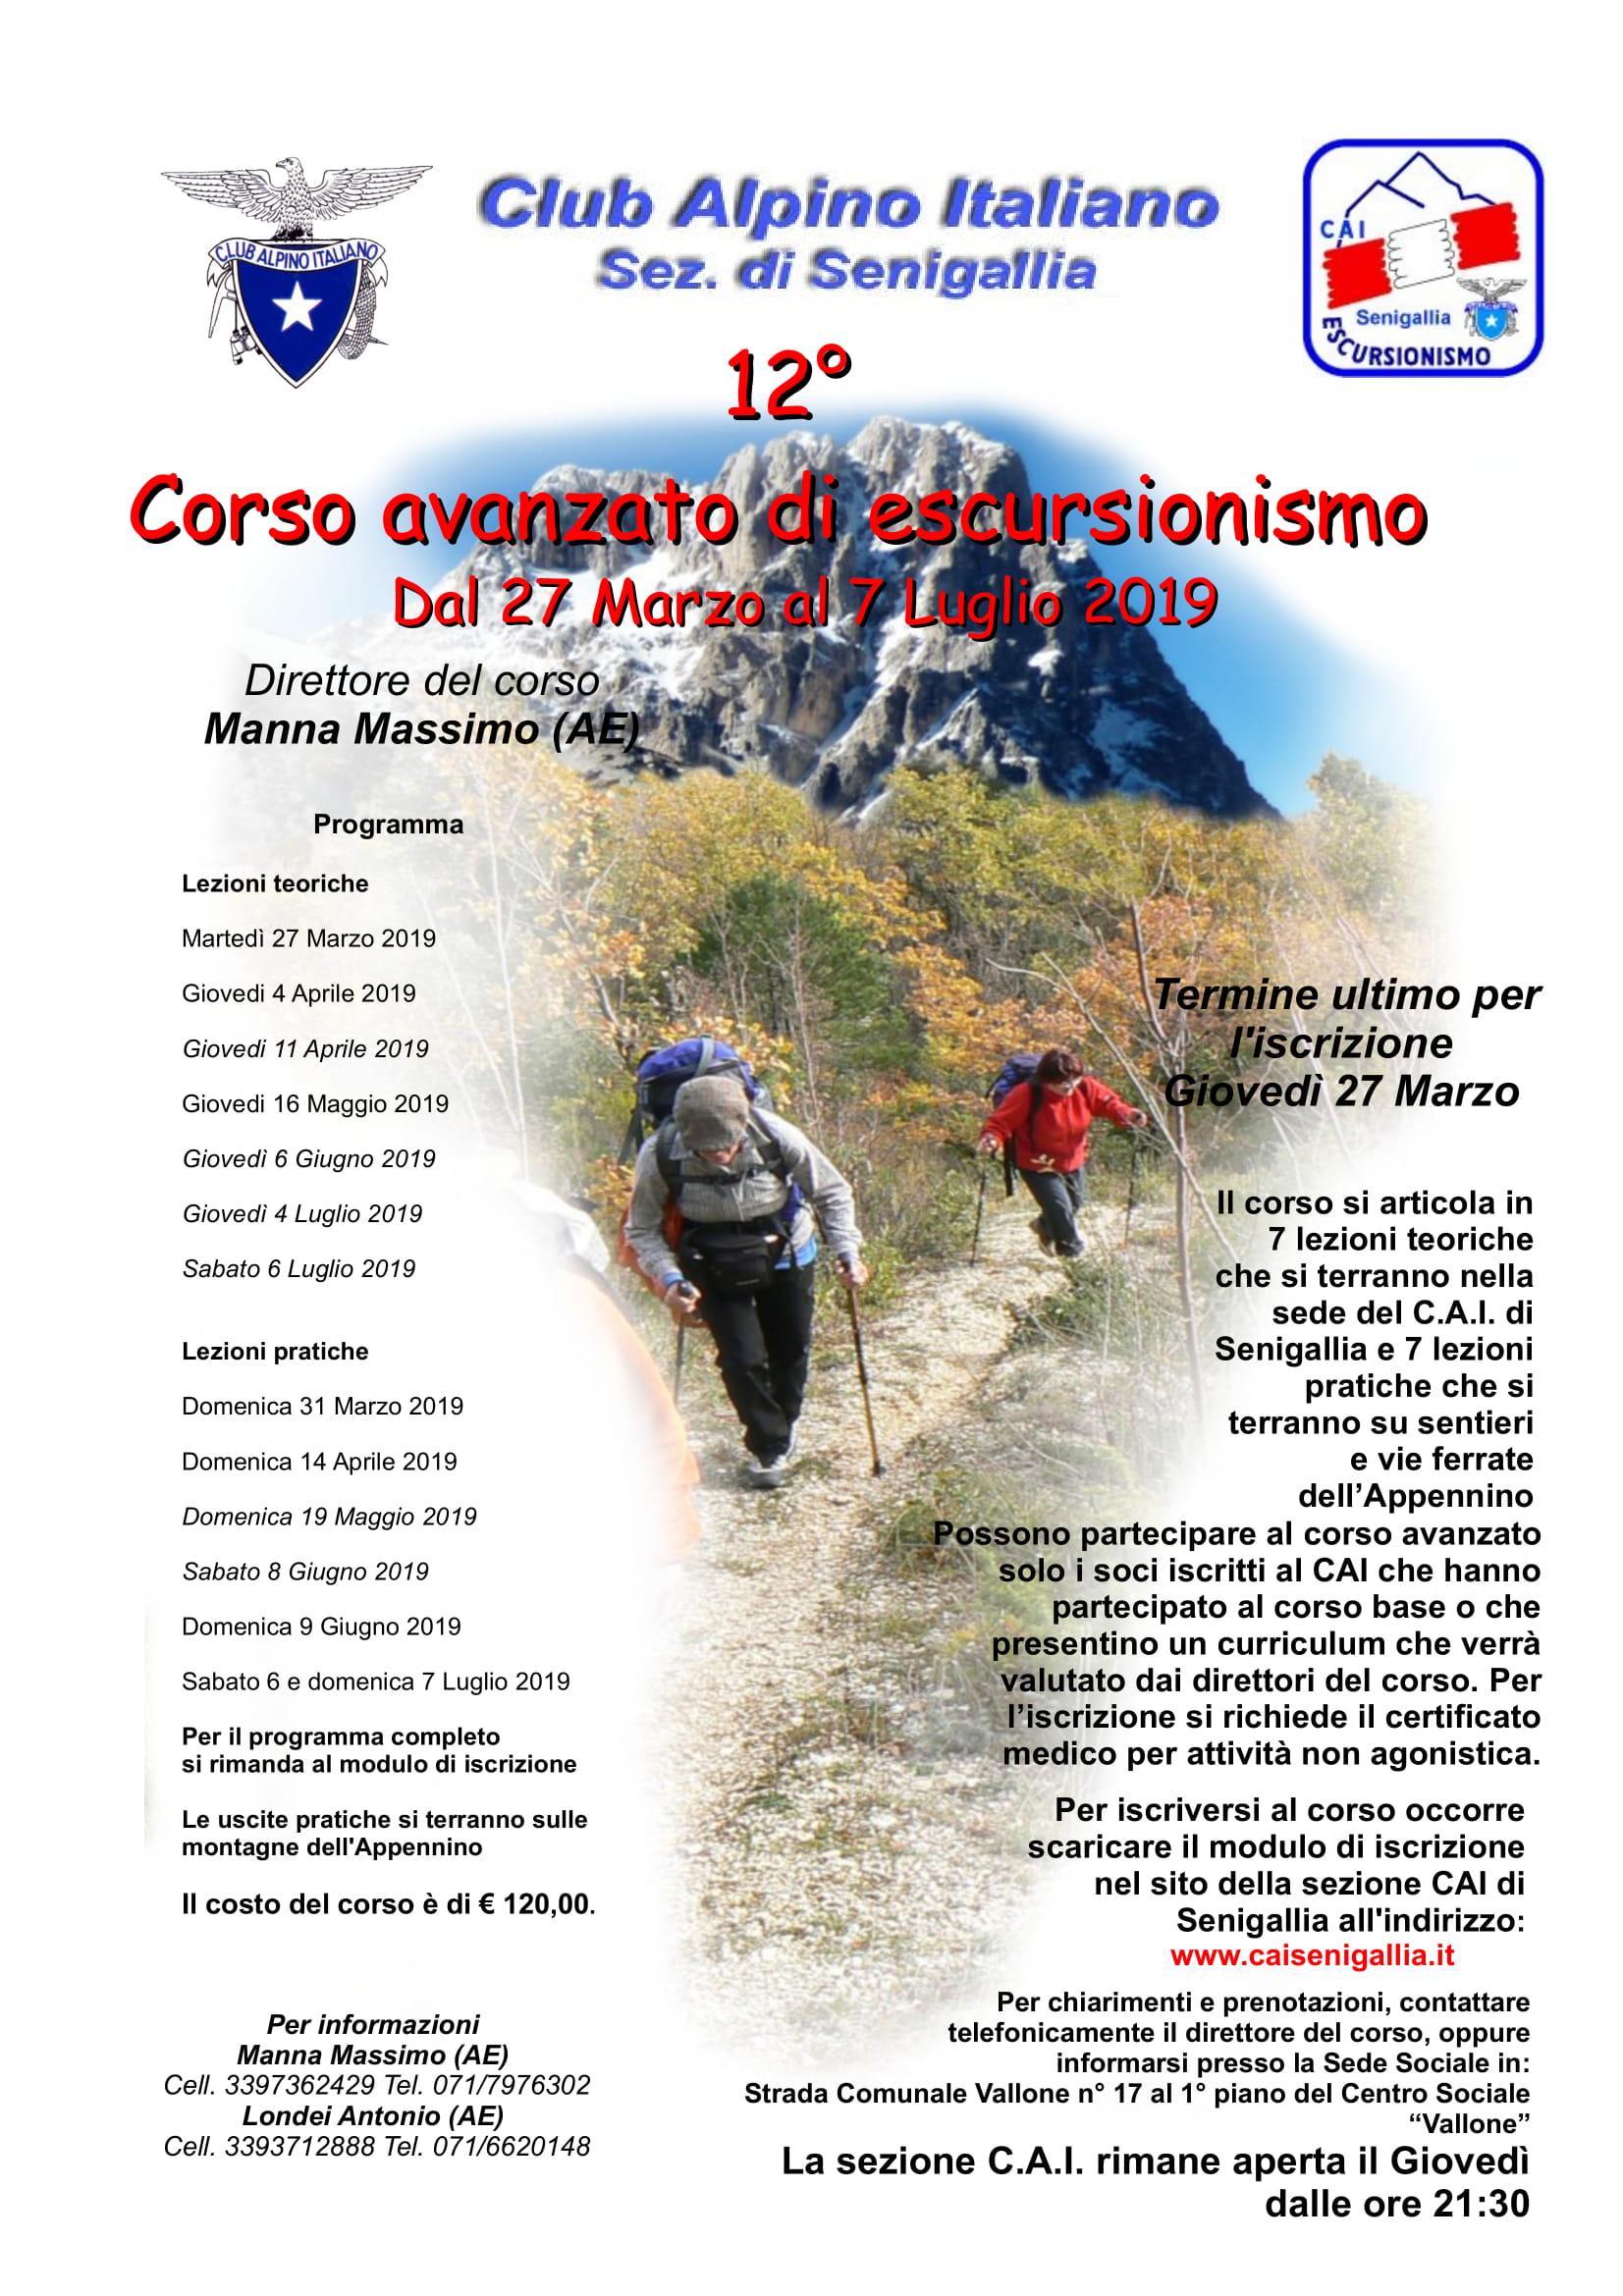 GE - CORSO AVANZATO DI ESCURSIONISMO (LEZIONI TEORICHE)